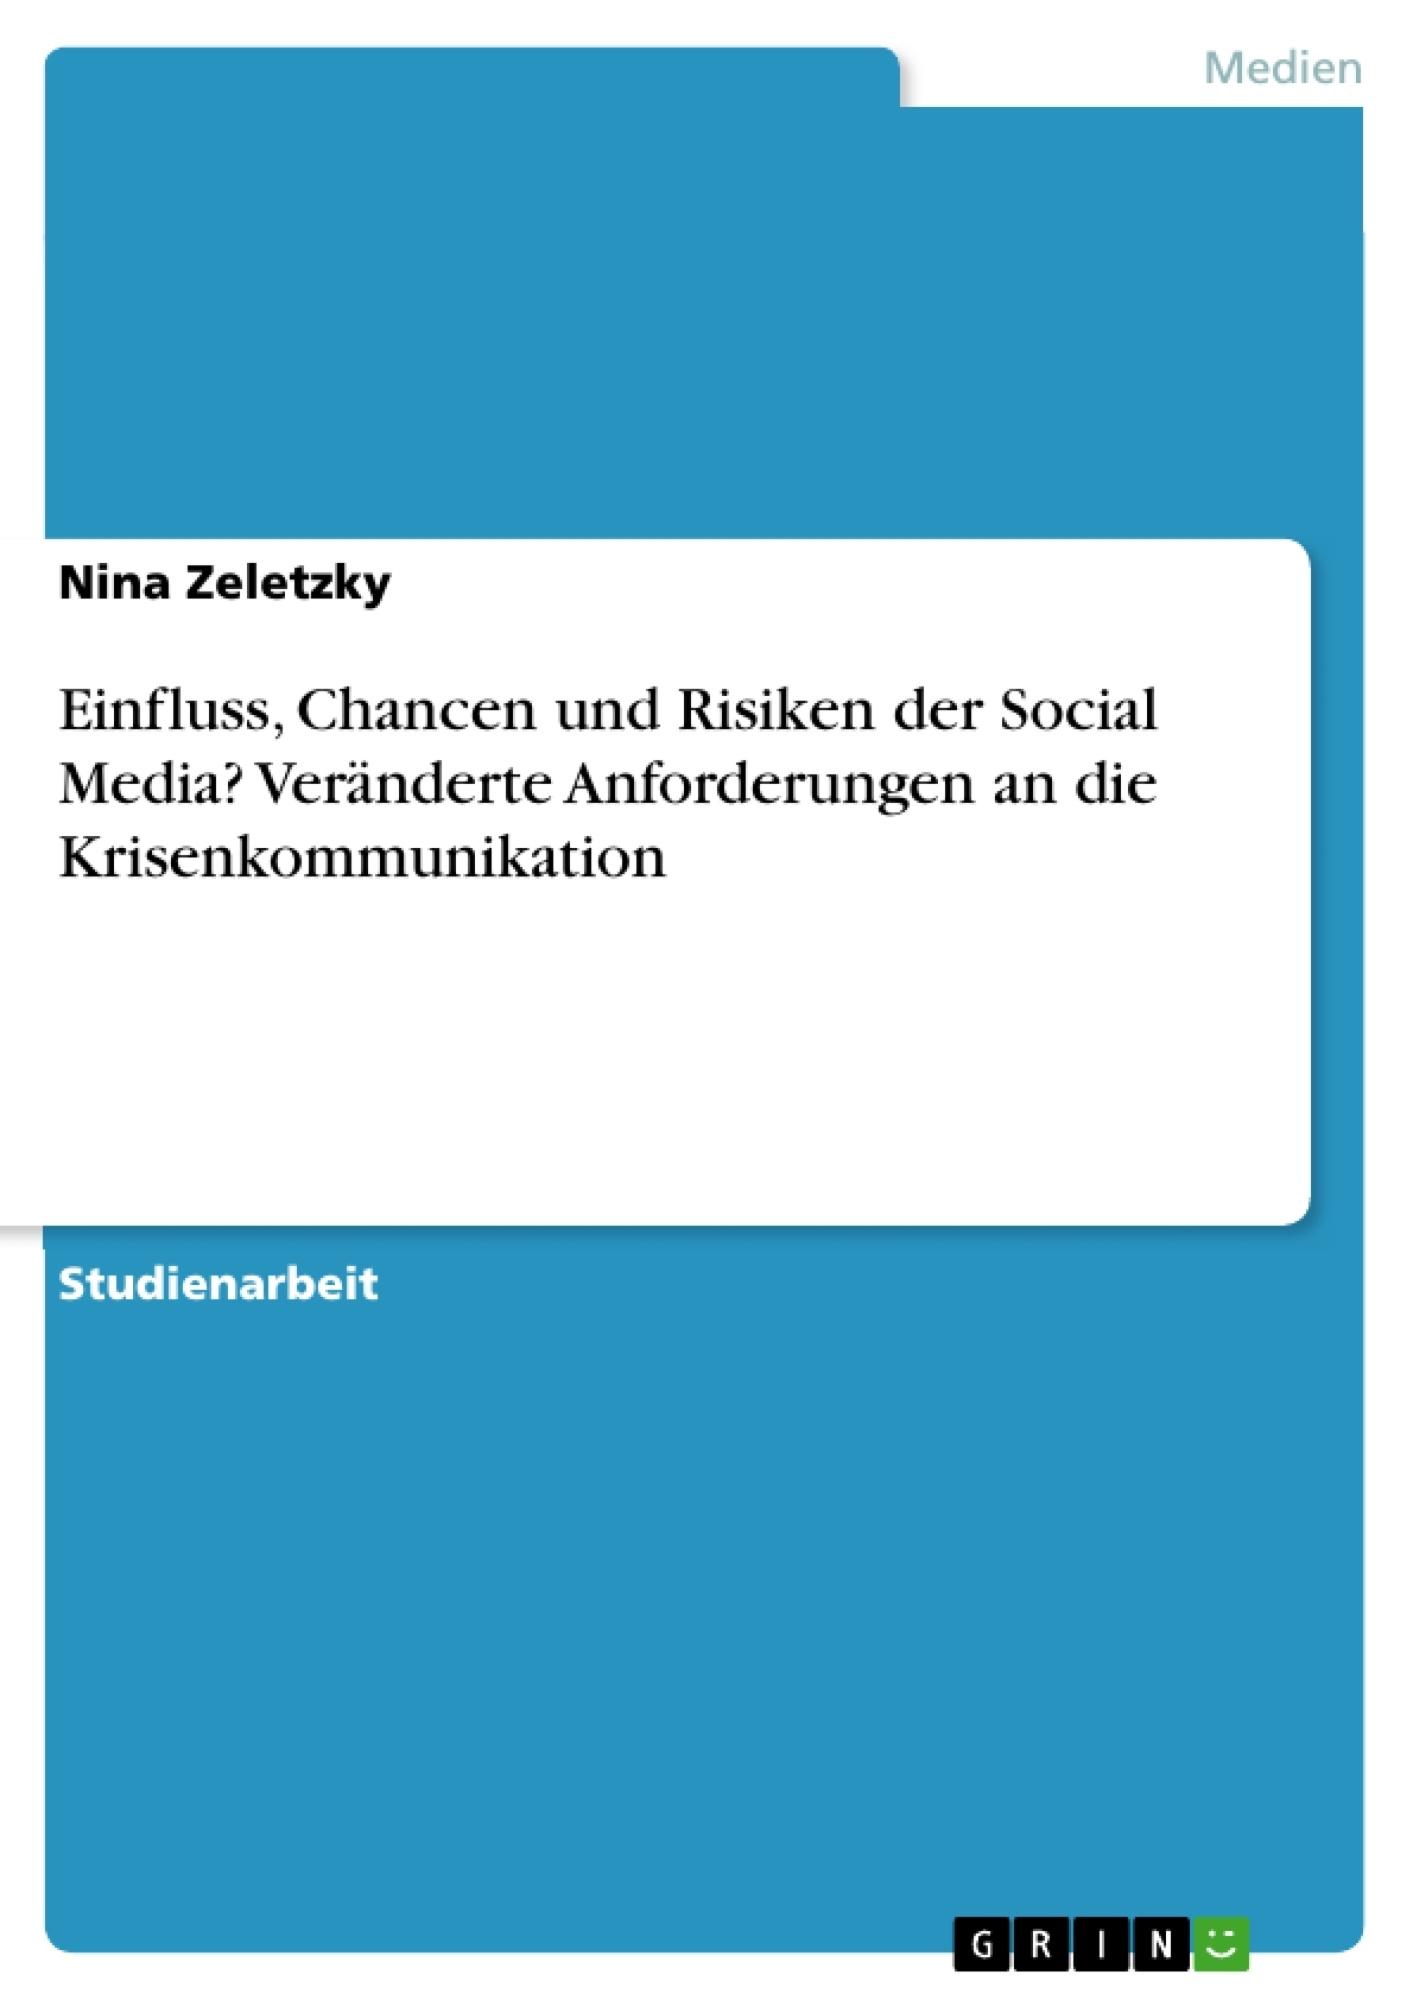 Titel: Einfluss, Chancen und Risiken der Social Media? Veränderte Anforderungen an die Krisenkommunikation